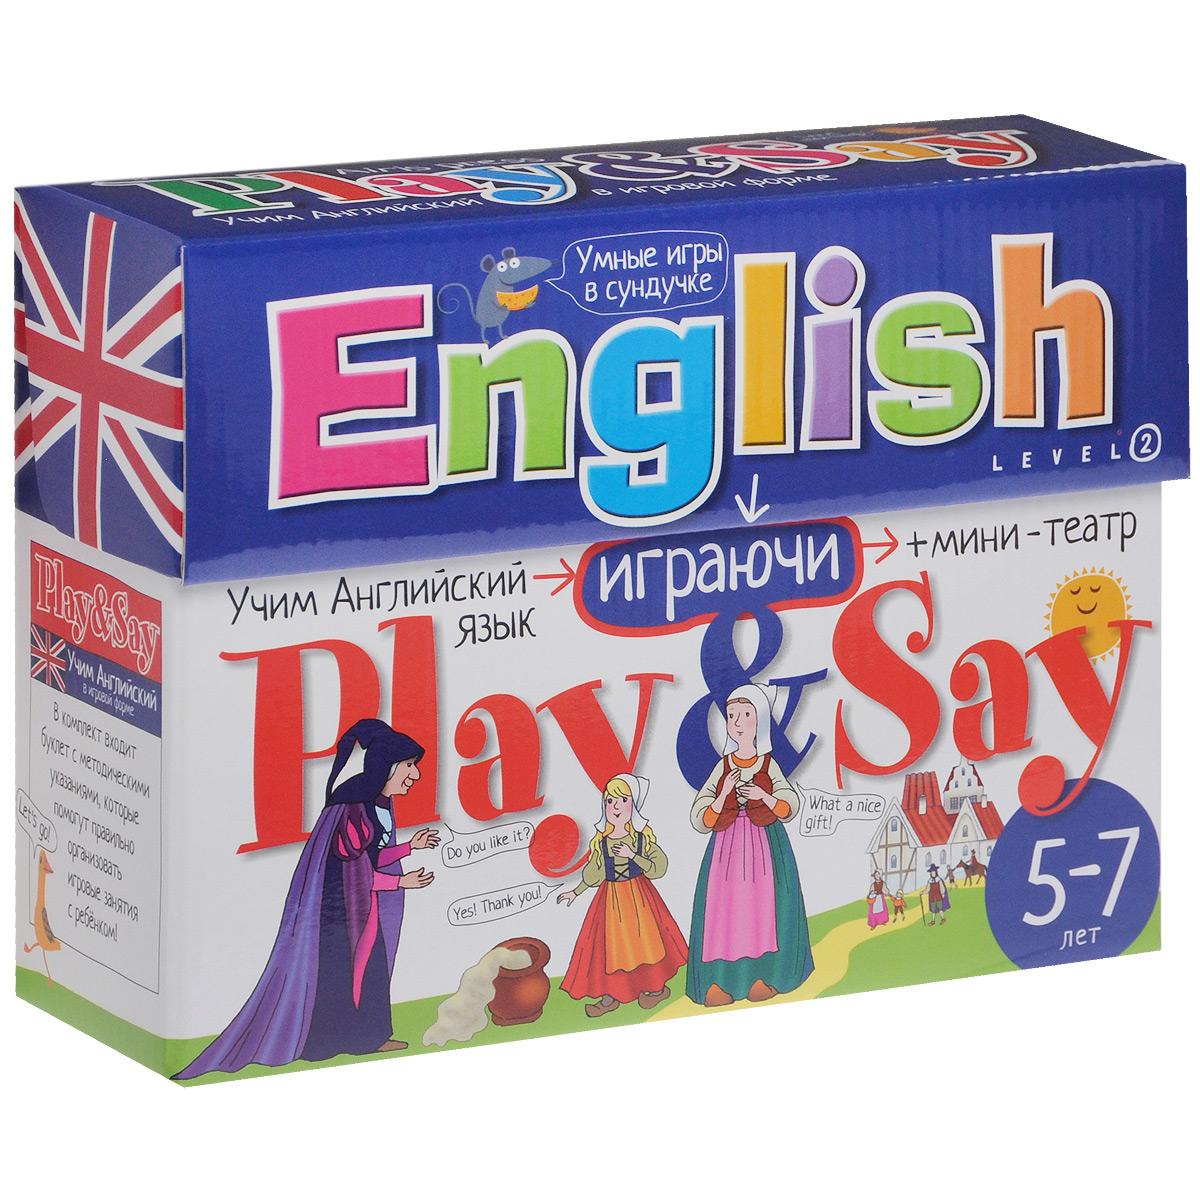 Заказать игры на английском языке для детей